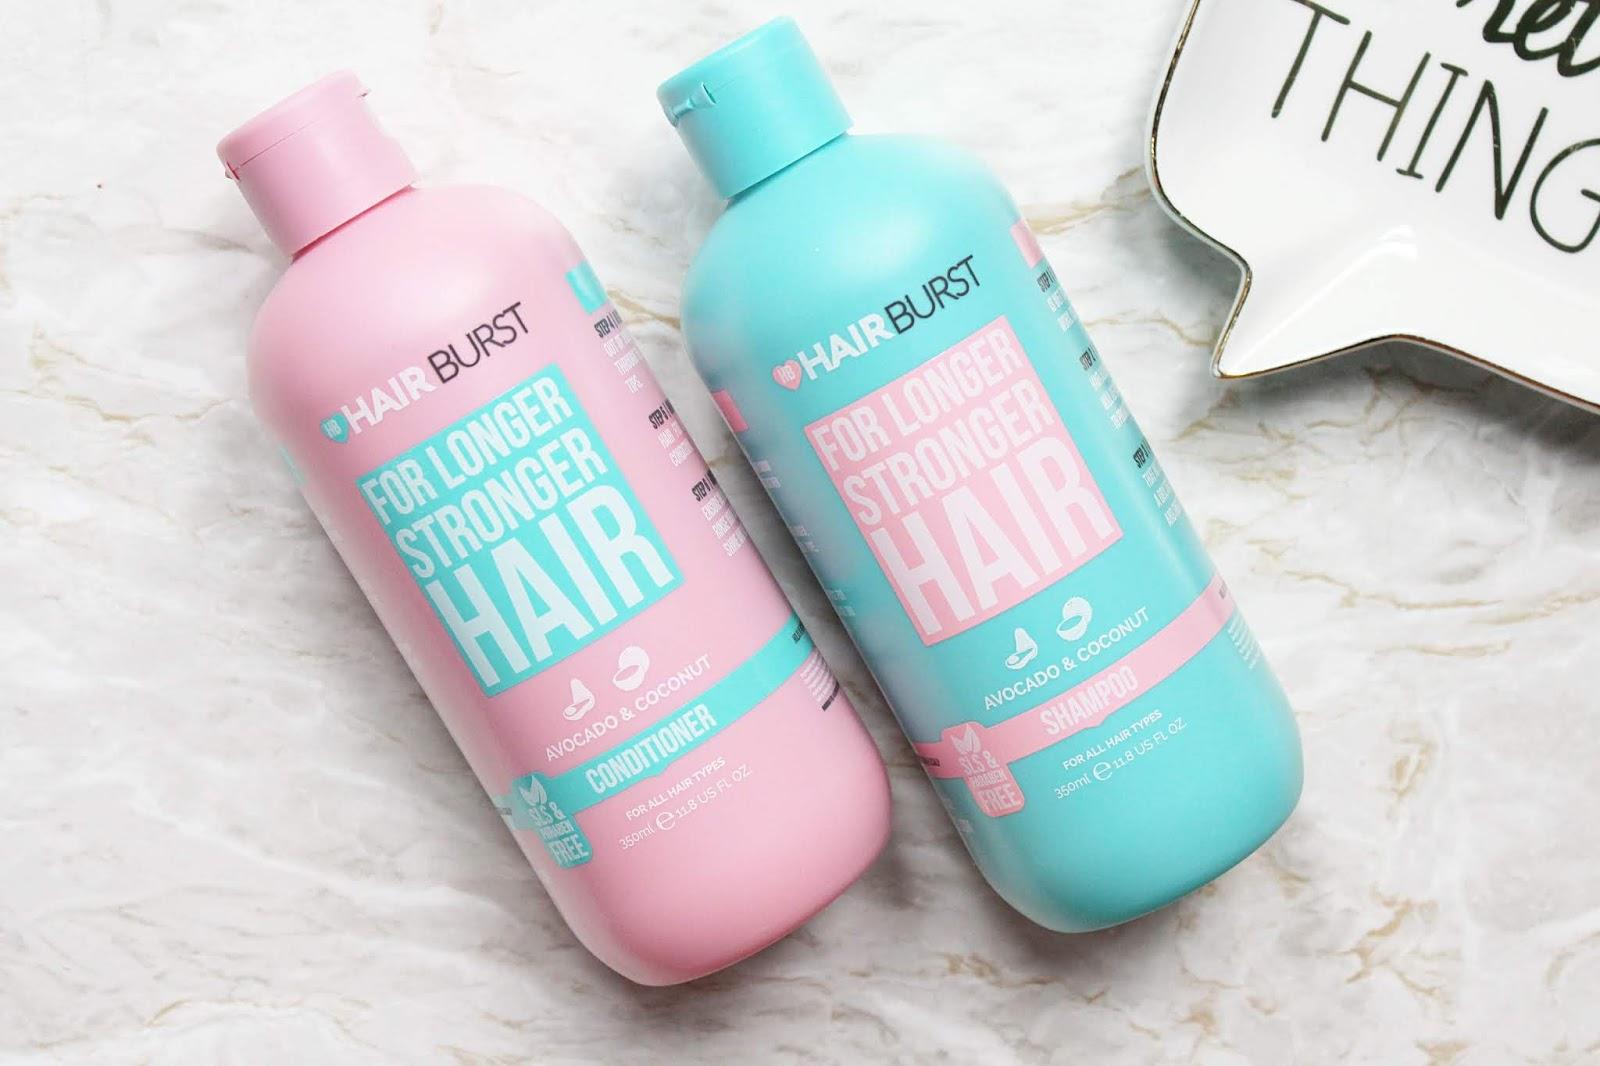 Bộ Dầu Gội Dầu Xả HairBurt For Longer Stronger 1